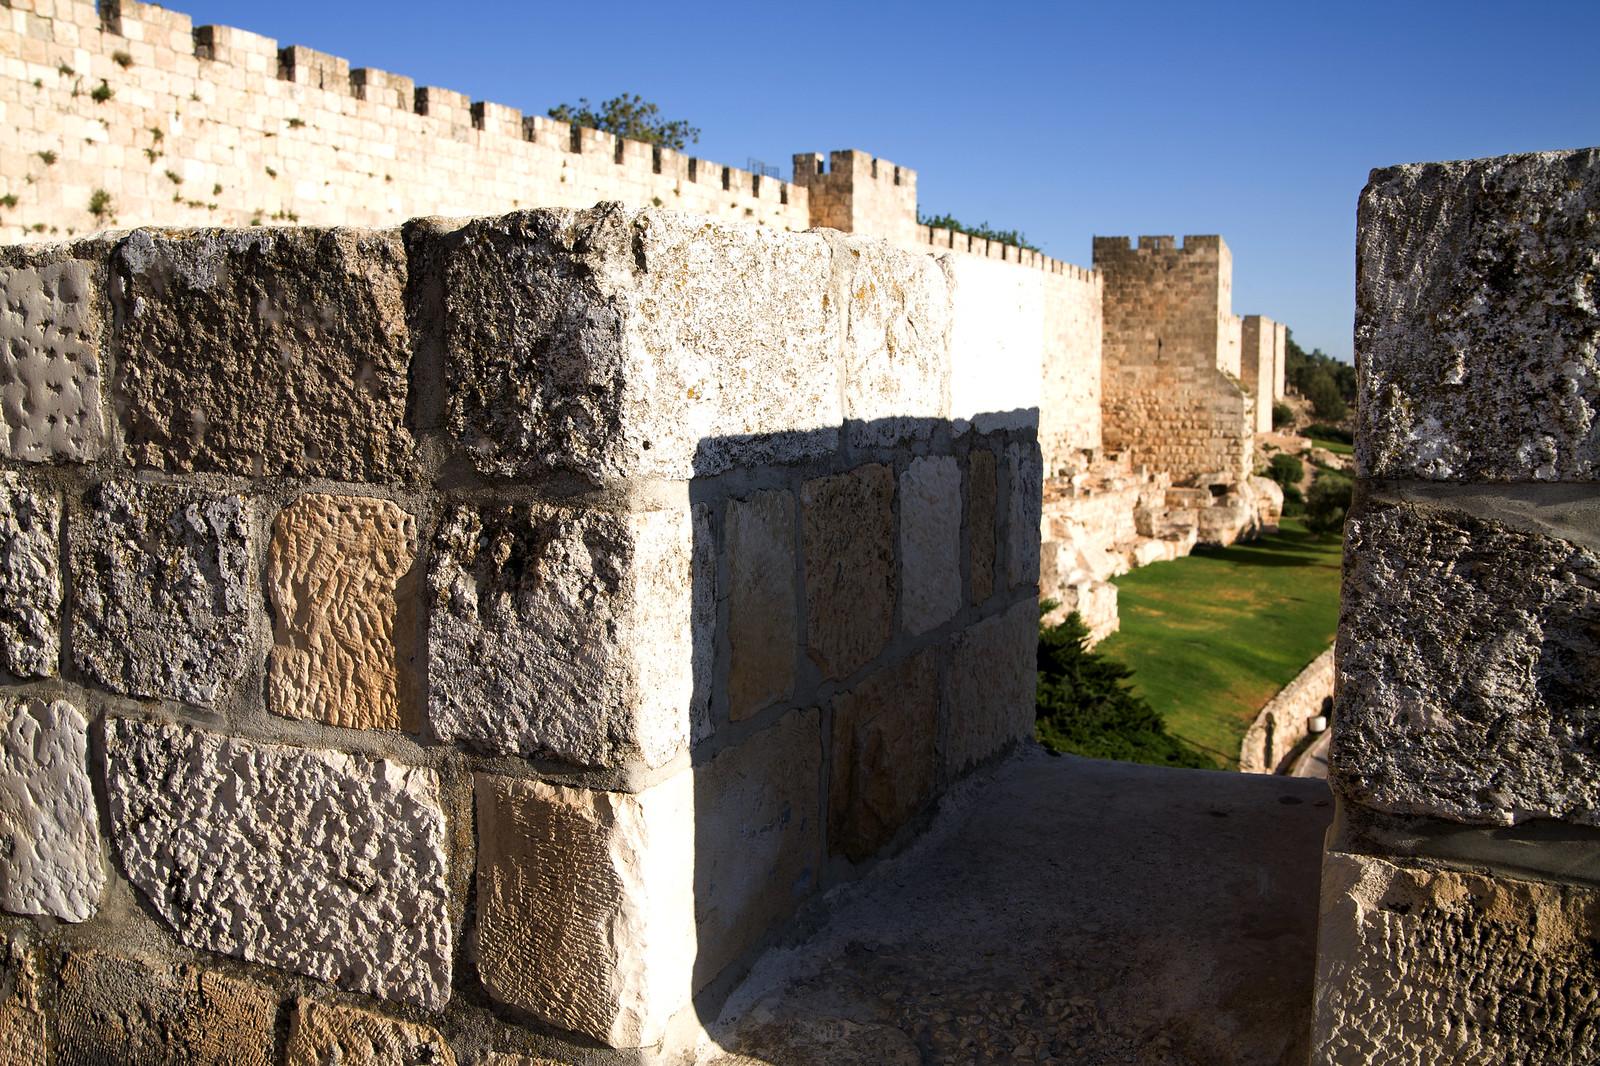 Jerusalem_Old City Walls_2_Noam Chen_Jerusalem